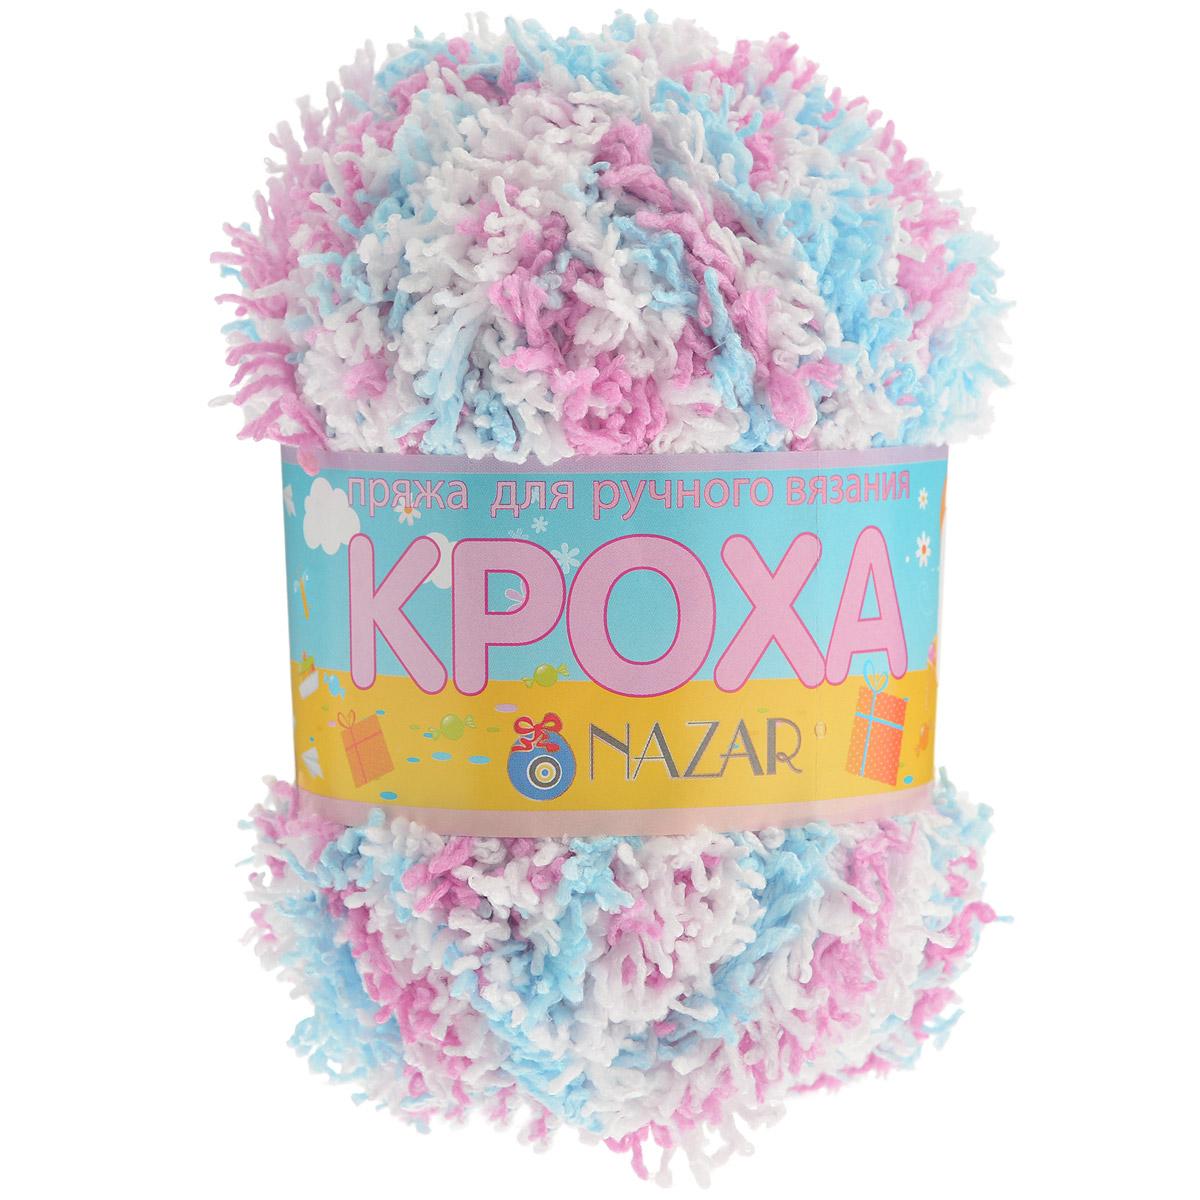 Пряжа для вязания детская Nazar Кроха, цвет: белый, розовый, голубой (1390), 75 м, 50 г, 10 шт349017_1390Nazar Кроха - это фантастически мягкая пряжа, изготовленная из 100% микрополиэстера. Такая пряжа идеально подойдет для изготовления игрушек или детской одежды. Изделия практичны в носке и уходе. Рекомендуется вязать спицами платочной или чулочной вязкой (кулинарная гладь). Комплектация: 10 мотков. Состав: 100% микрополиэстер.